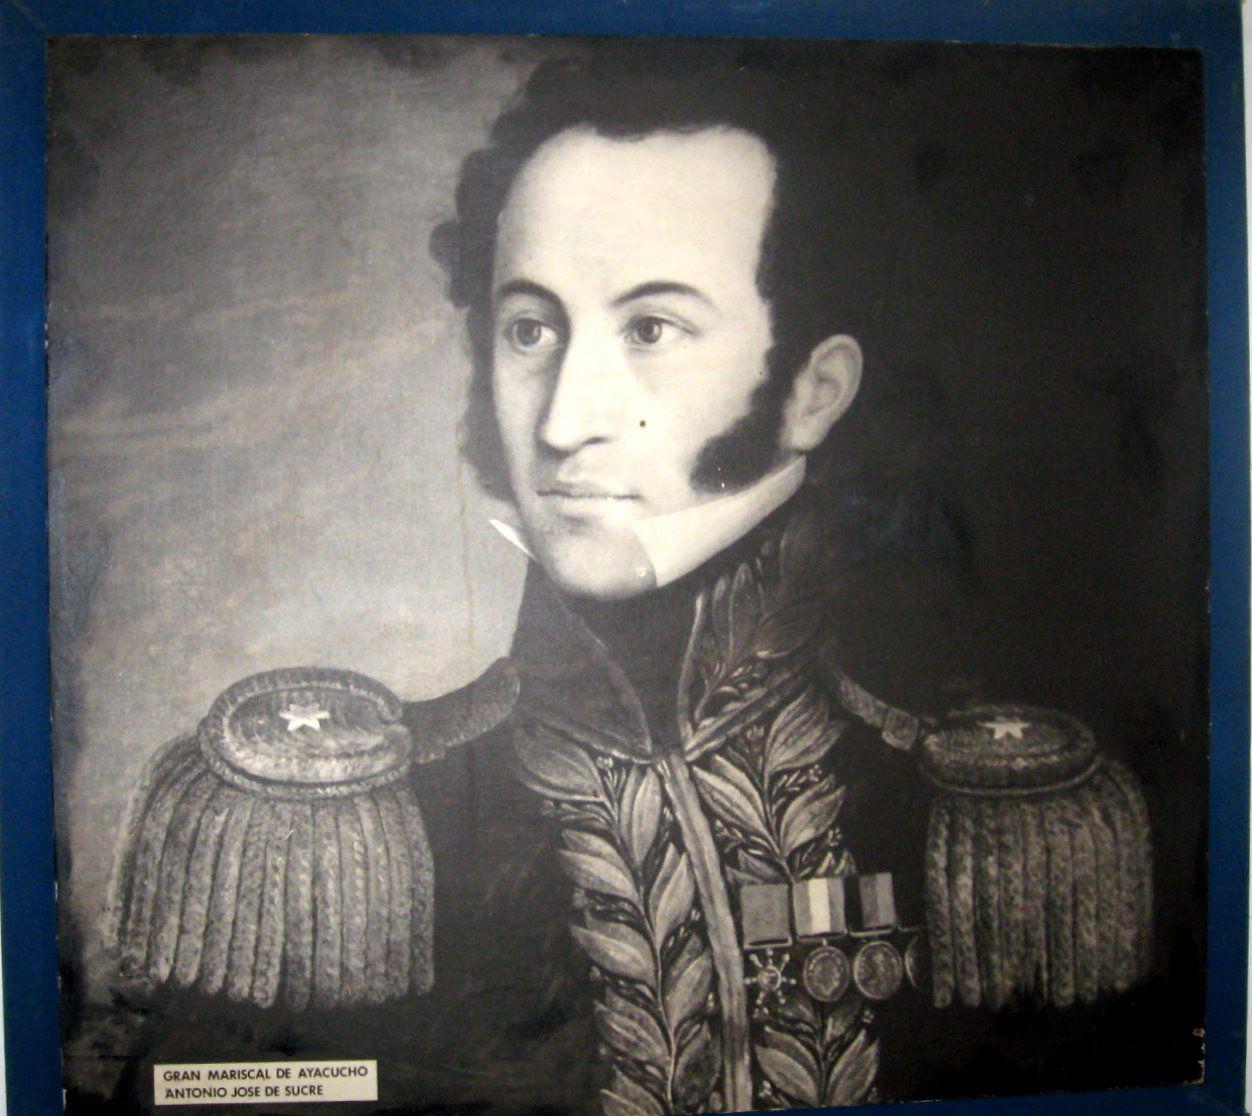 Hace 190 Anos Que Bolivar Designo A Sucre Gran Mariscal De